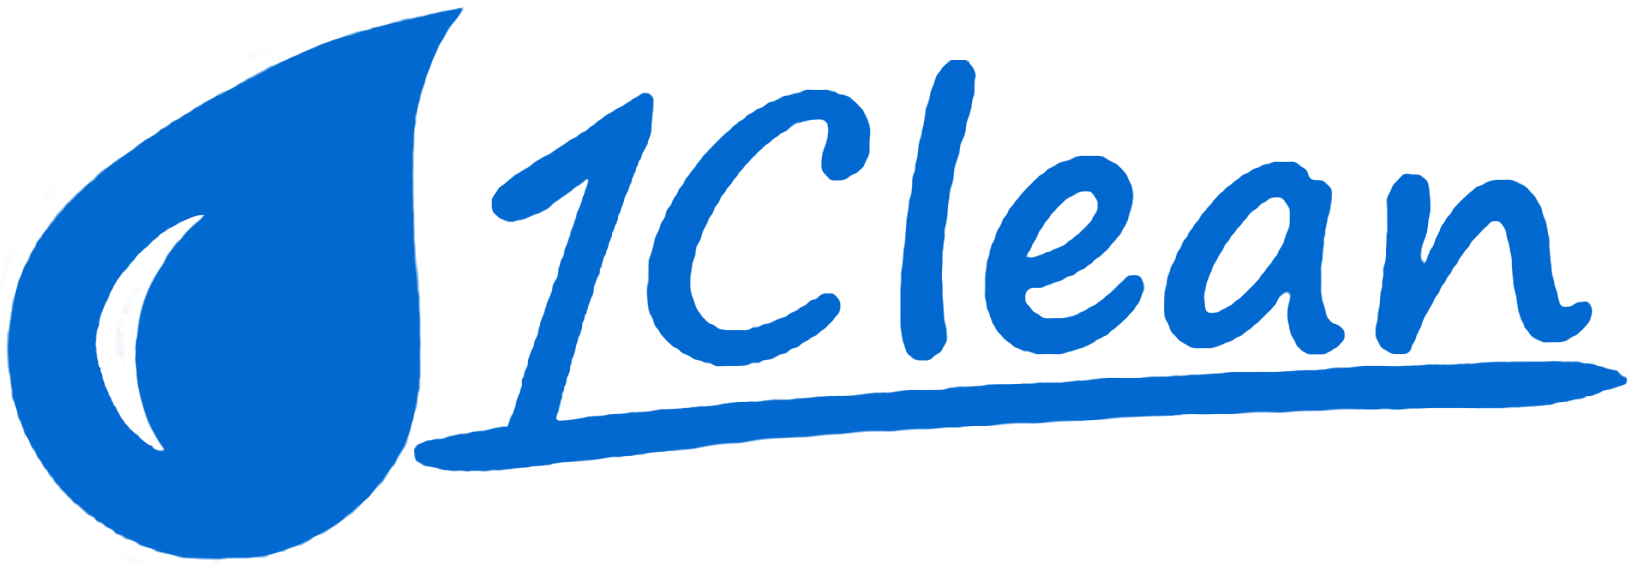 клининговая компания мицар клининг вакансии москва